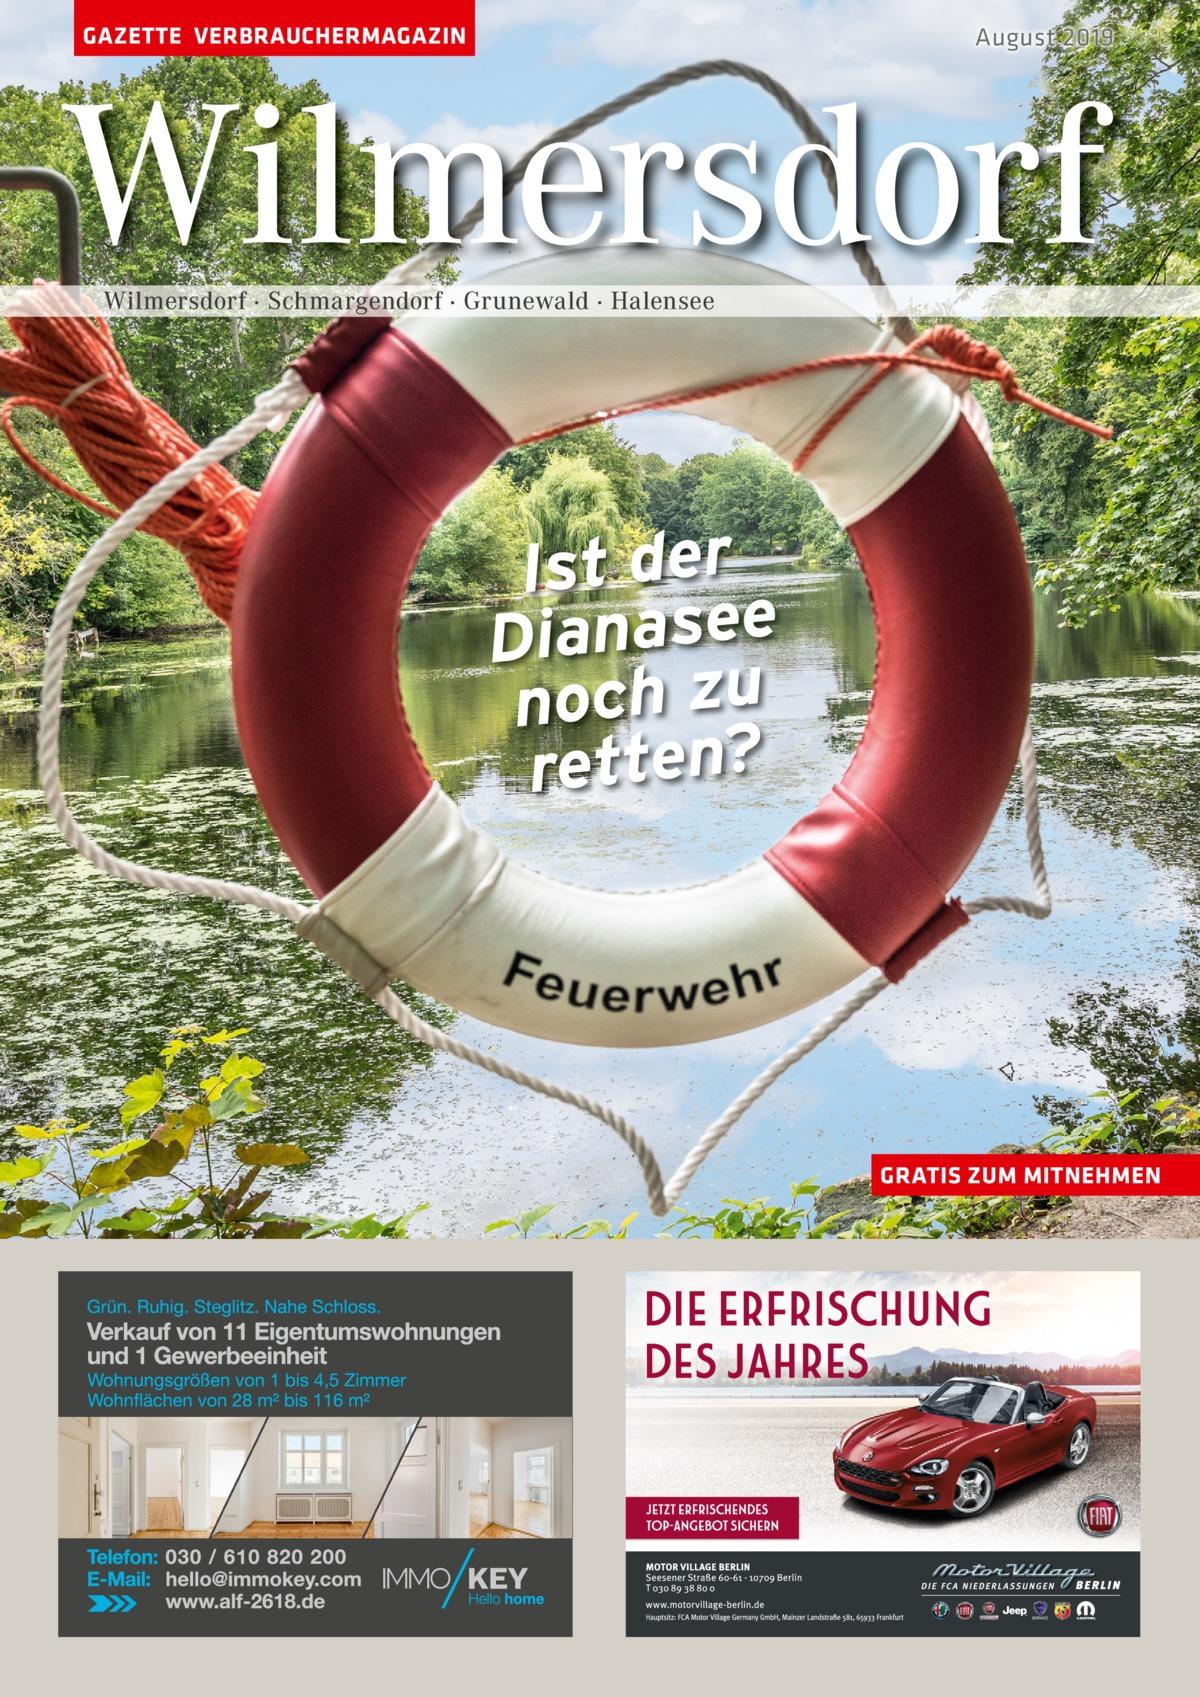 GAZETTE VERBRAUCHERMAGAZIN  August 2019  Wilmersdorf Wilmersdorf · Schmargendorf · Grunewald · Halensee  Ist der Dianasee noch zu retten?  GRATIS ZUM MITNEHMEN